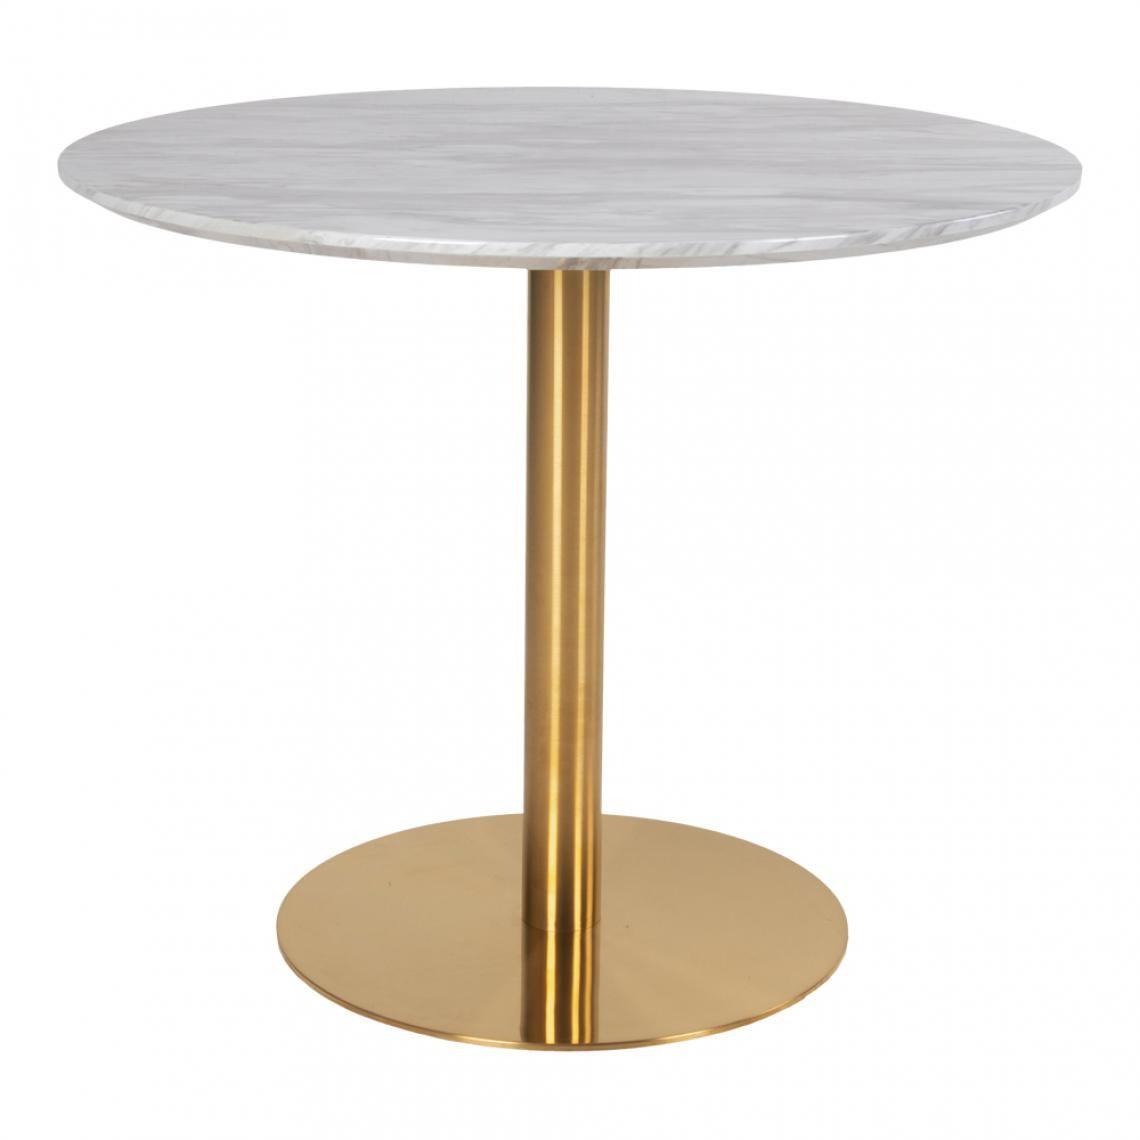 Table Salle à Manger Marbre: Table à Manger Ronde En Acier Imitation Marbre COUCI En